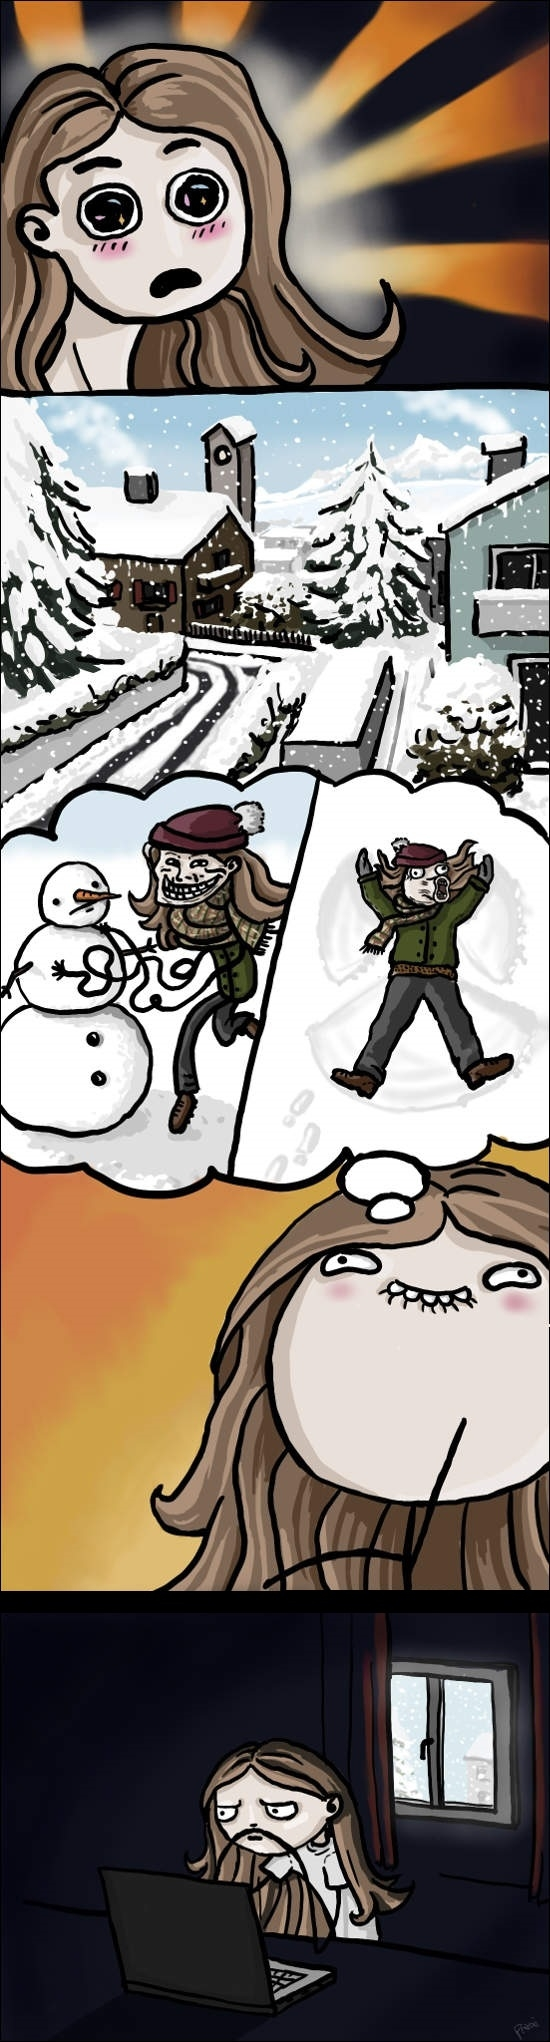 Otros - Como creemos que será un día de nieve y lo que realmente hacemos